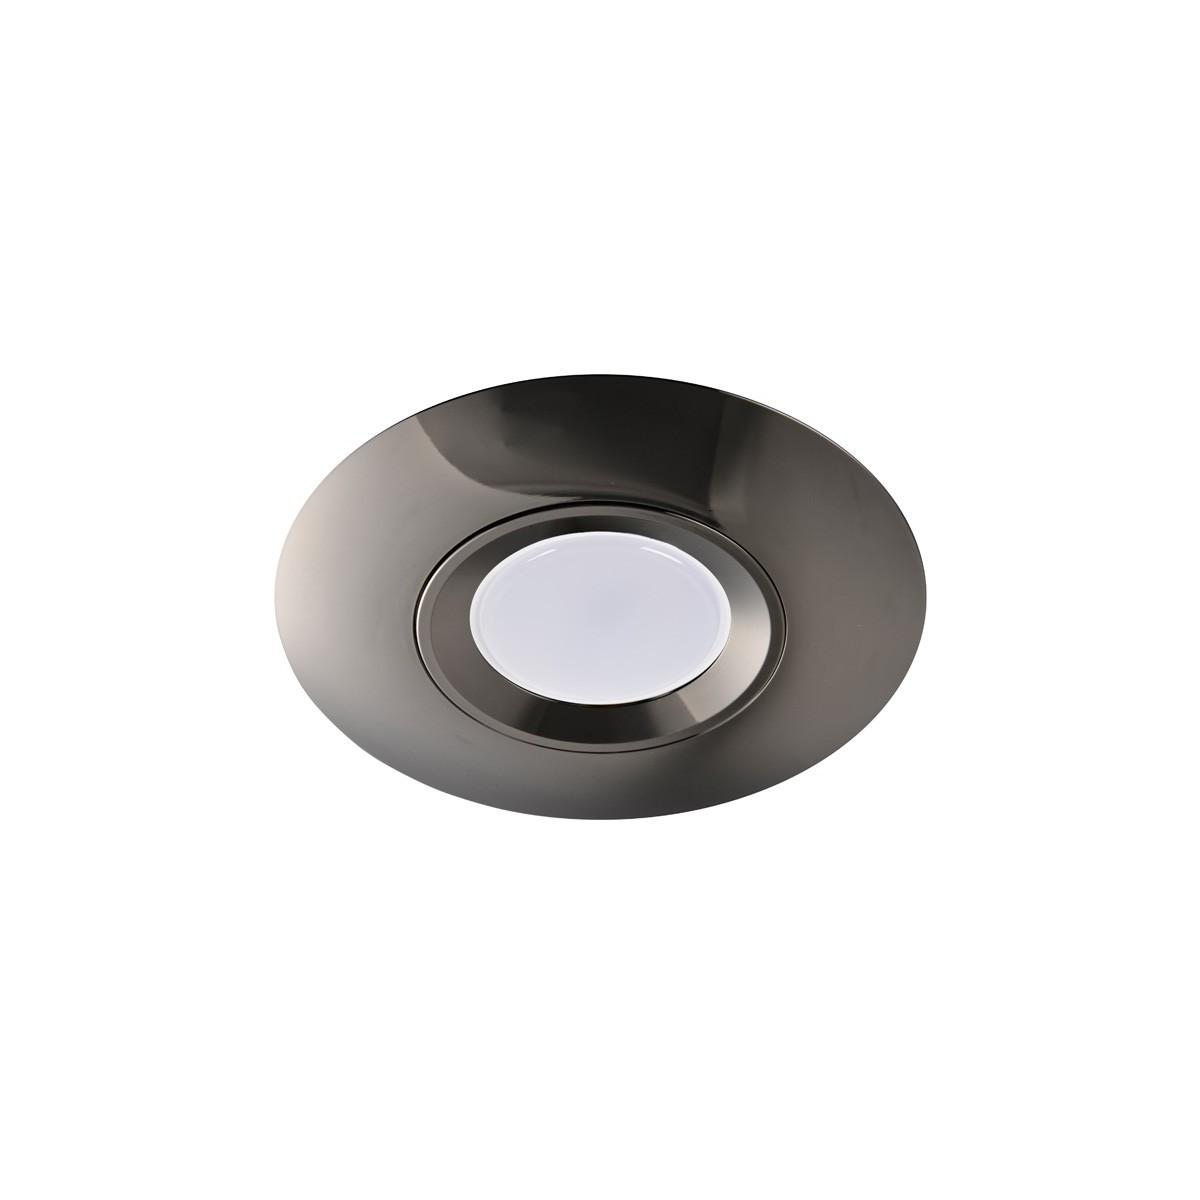 Empotrable Seron cromo plata